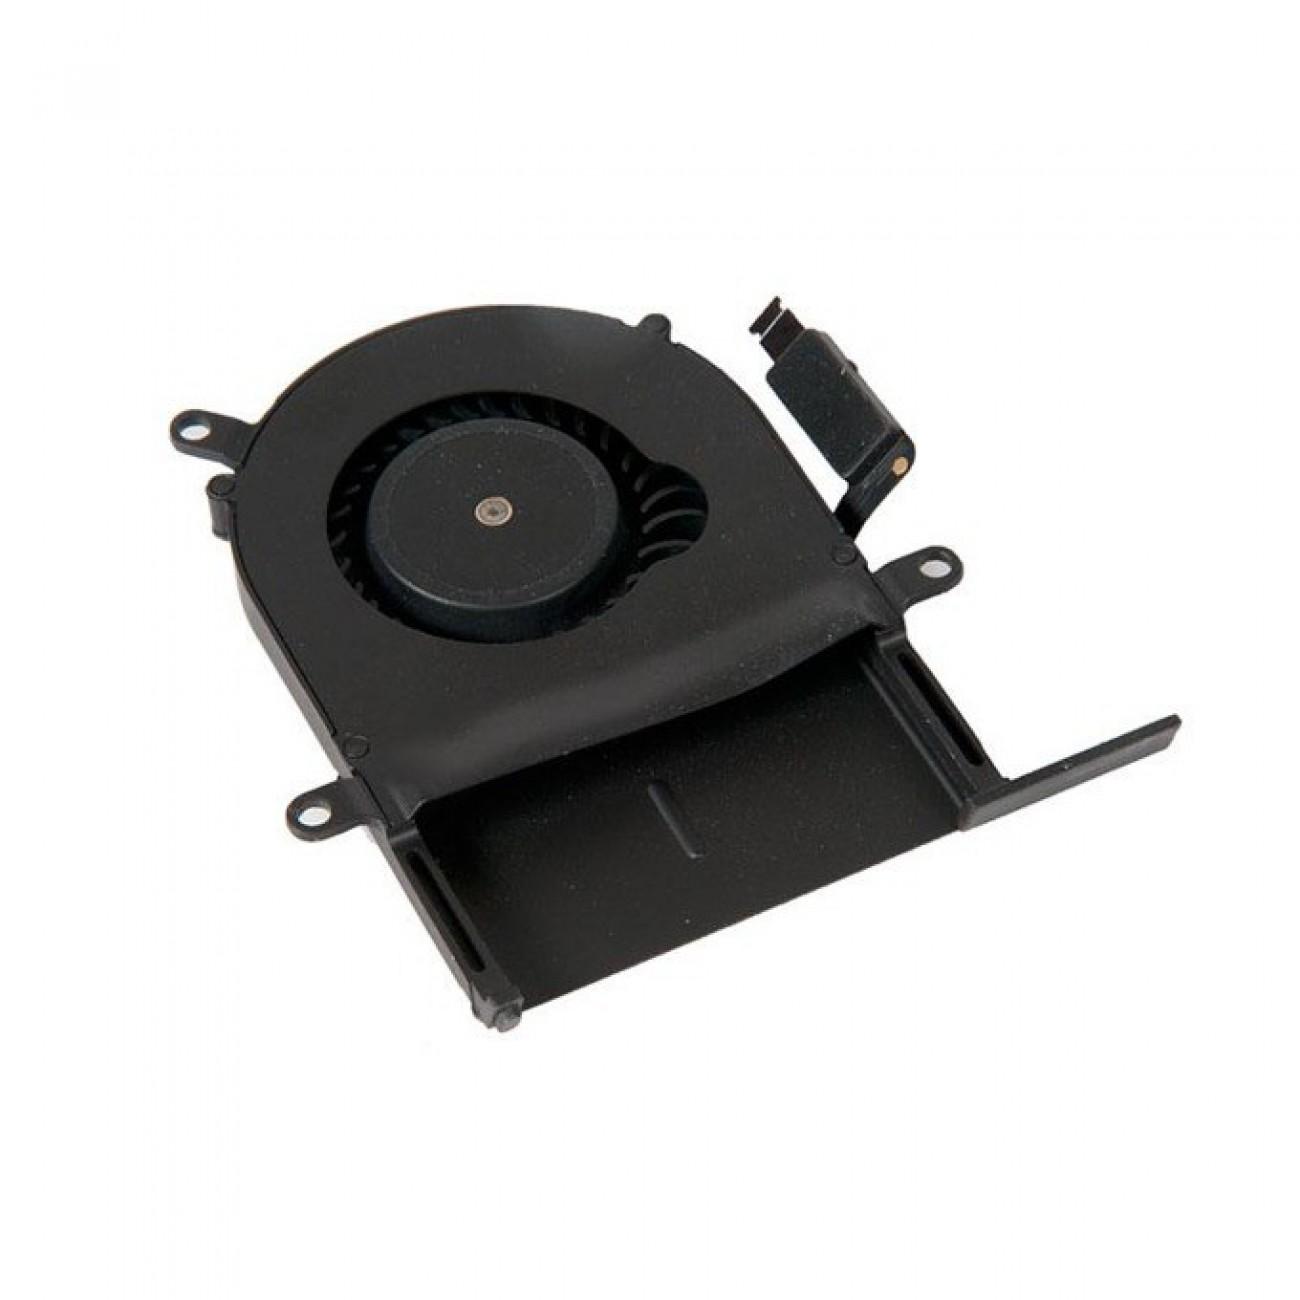 Вентилатор за лаптоп, Apple Macbook Pro Retina 13 A1425 2012 (Right side) в Резервни части -  | Alleop